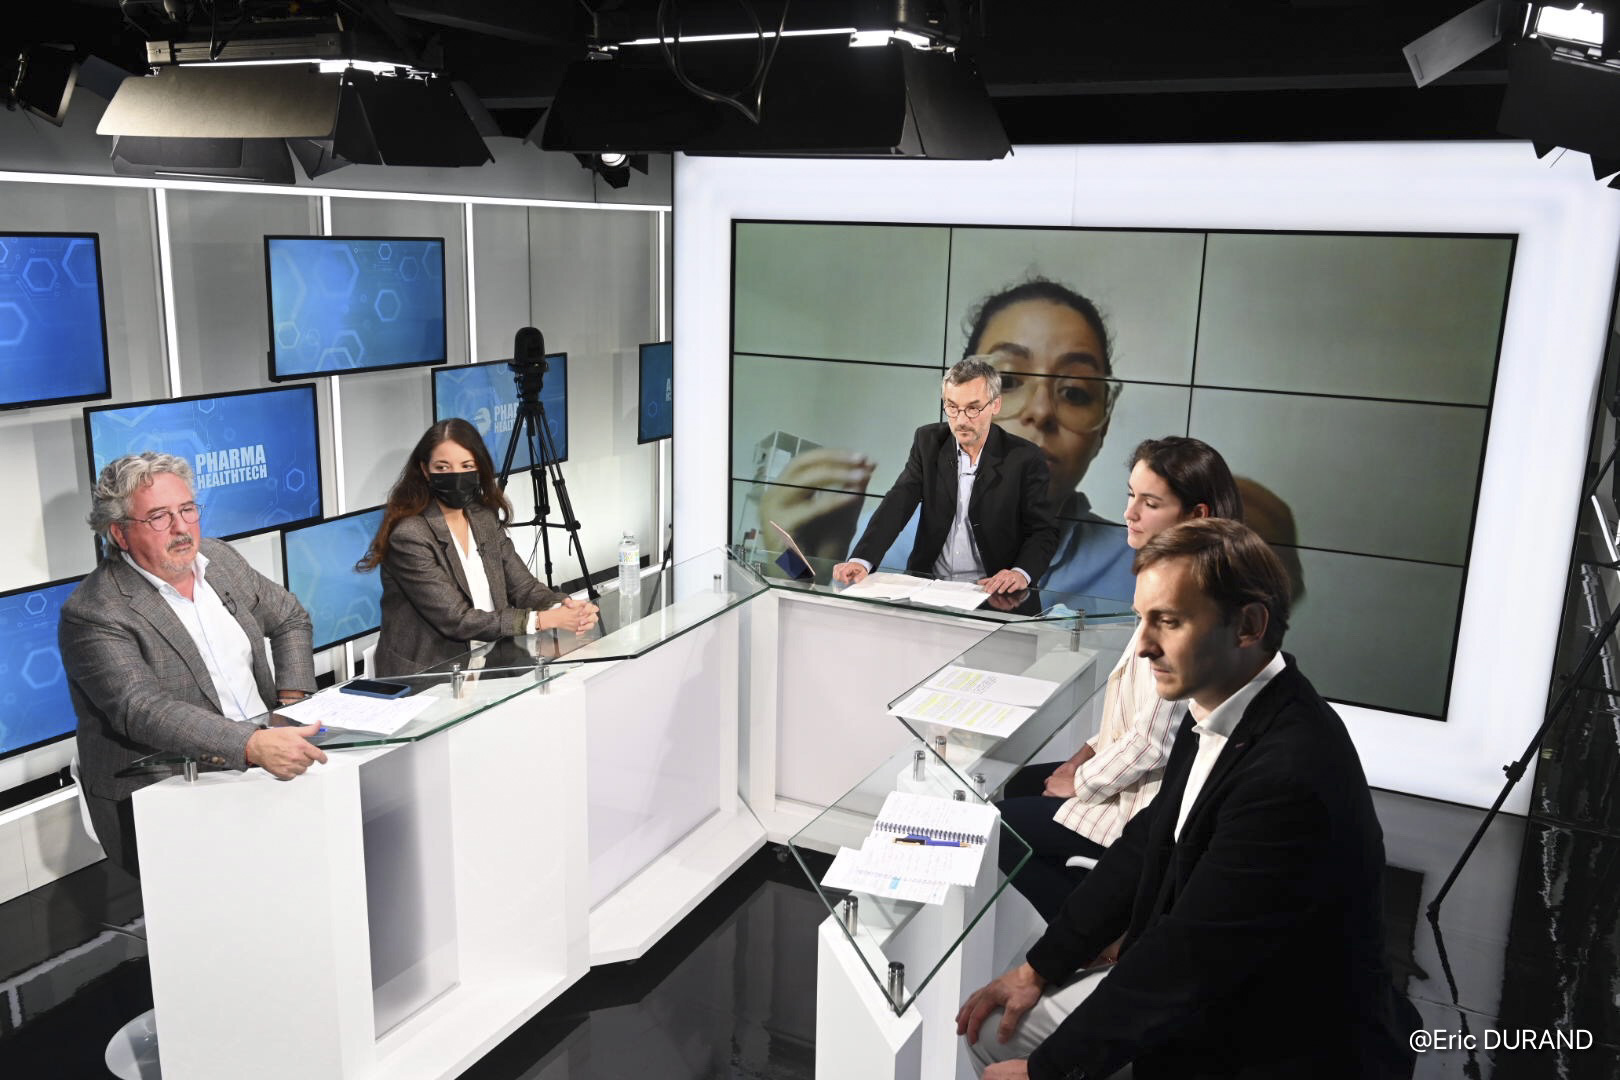 Le régulateur et le payeur conditionneront pour beaucoup le modèle d'affaires français de la e-santé. Les industriels et les start-up attendent des dispositifs simples et lisibles pour favoriser le développement et la diffusion des thérapies digitales inn